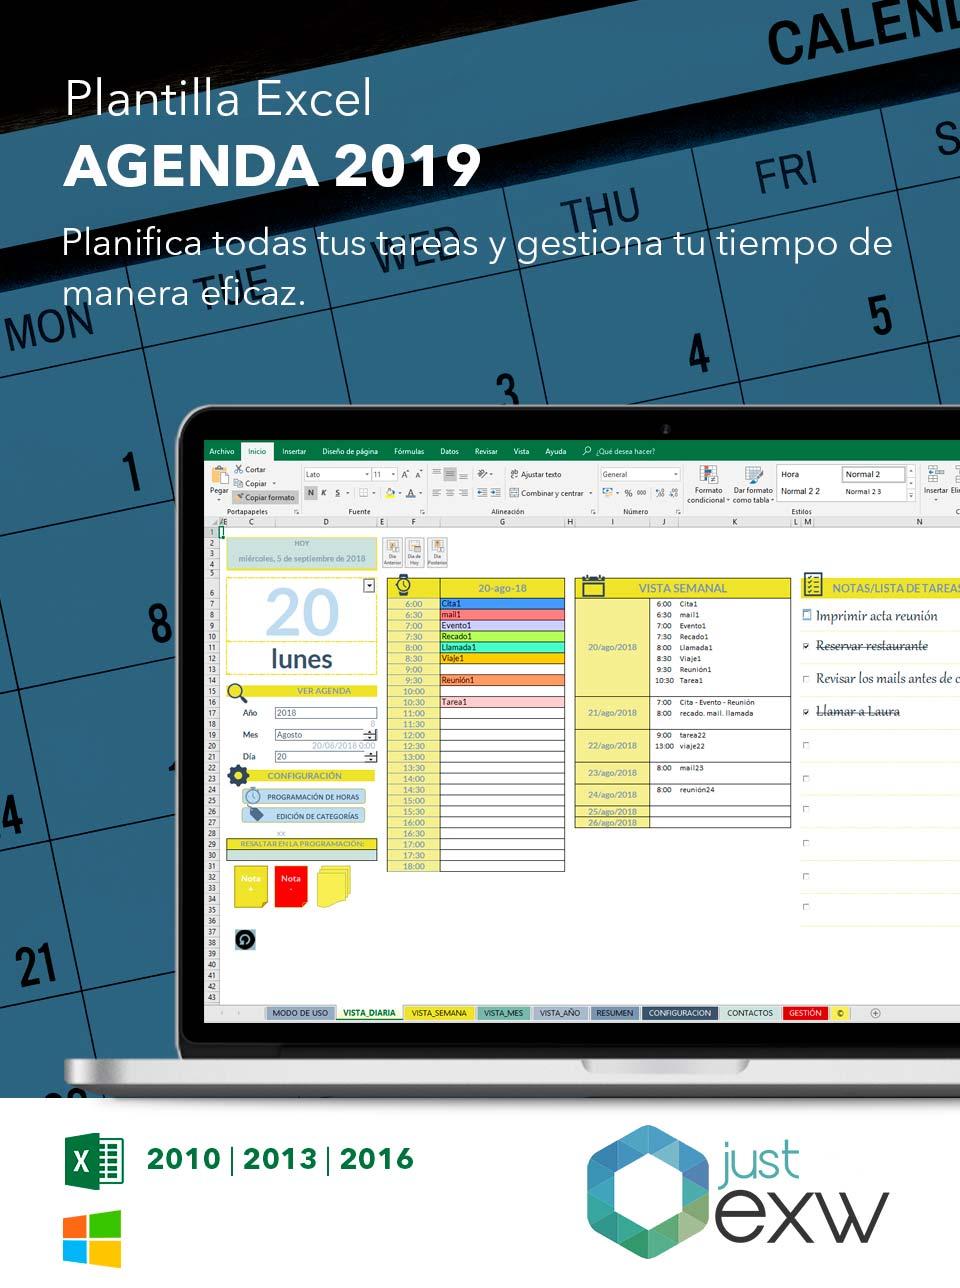 Plantilla de Calendario 2018 en Excel | Plantilla para descargar